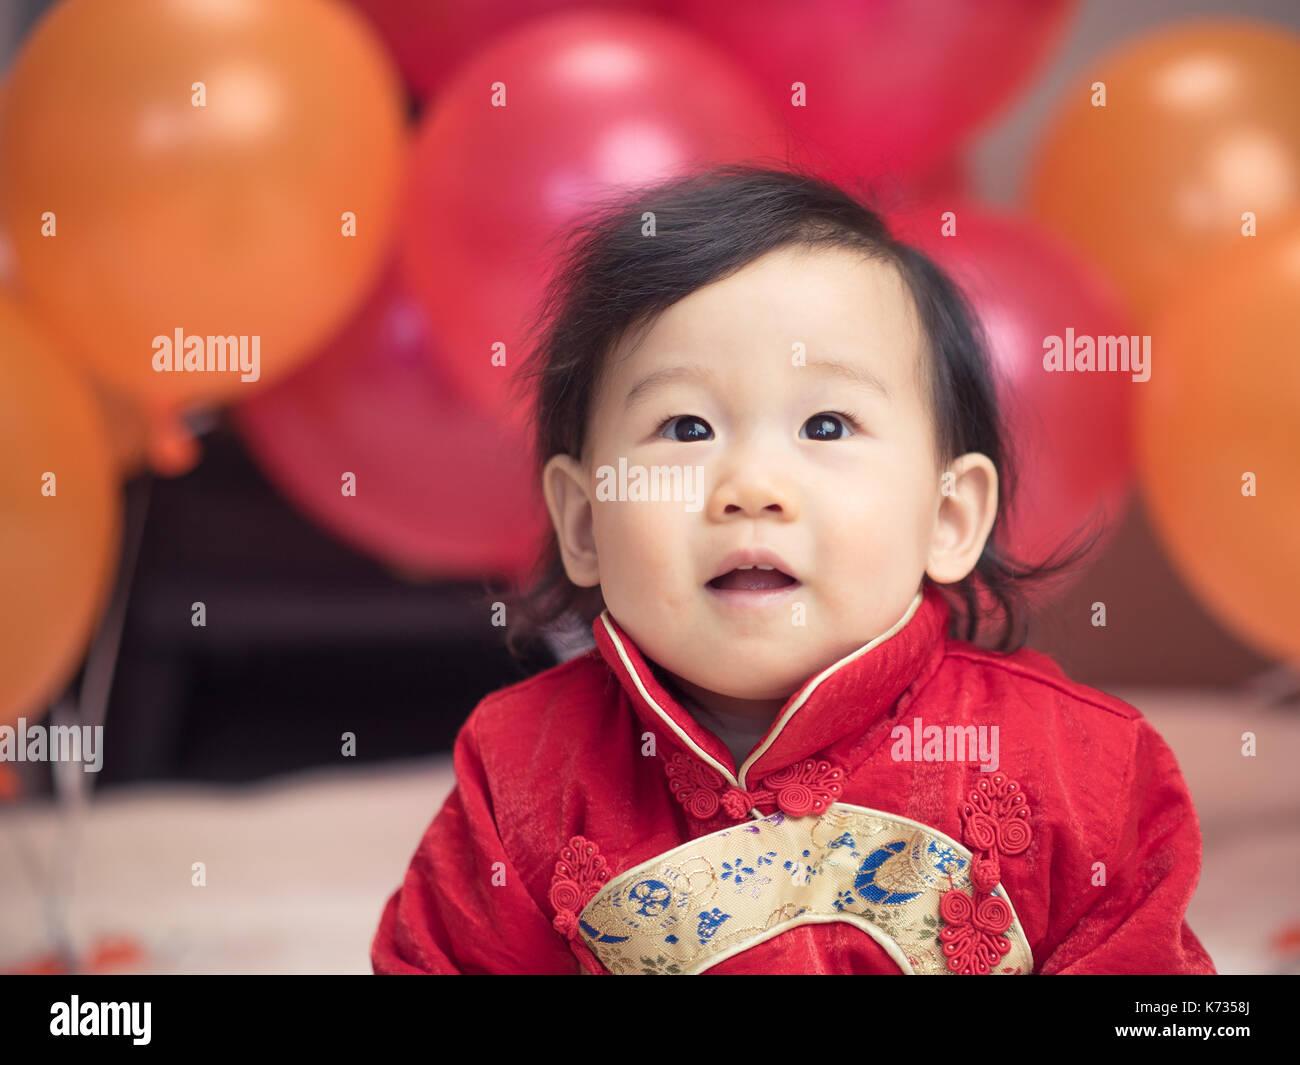 Carino asian bambina con le medicazioni tradizionali per il suo primo compleanno Immagini Stock